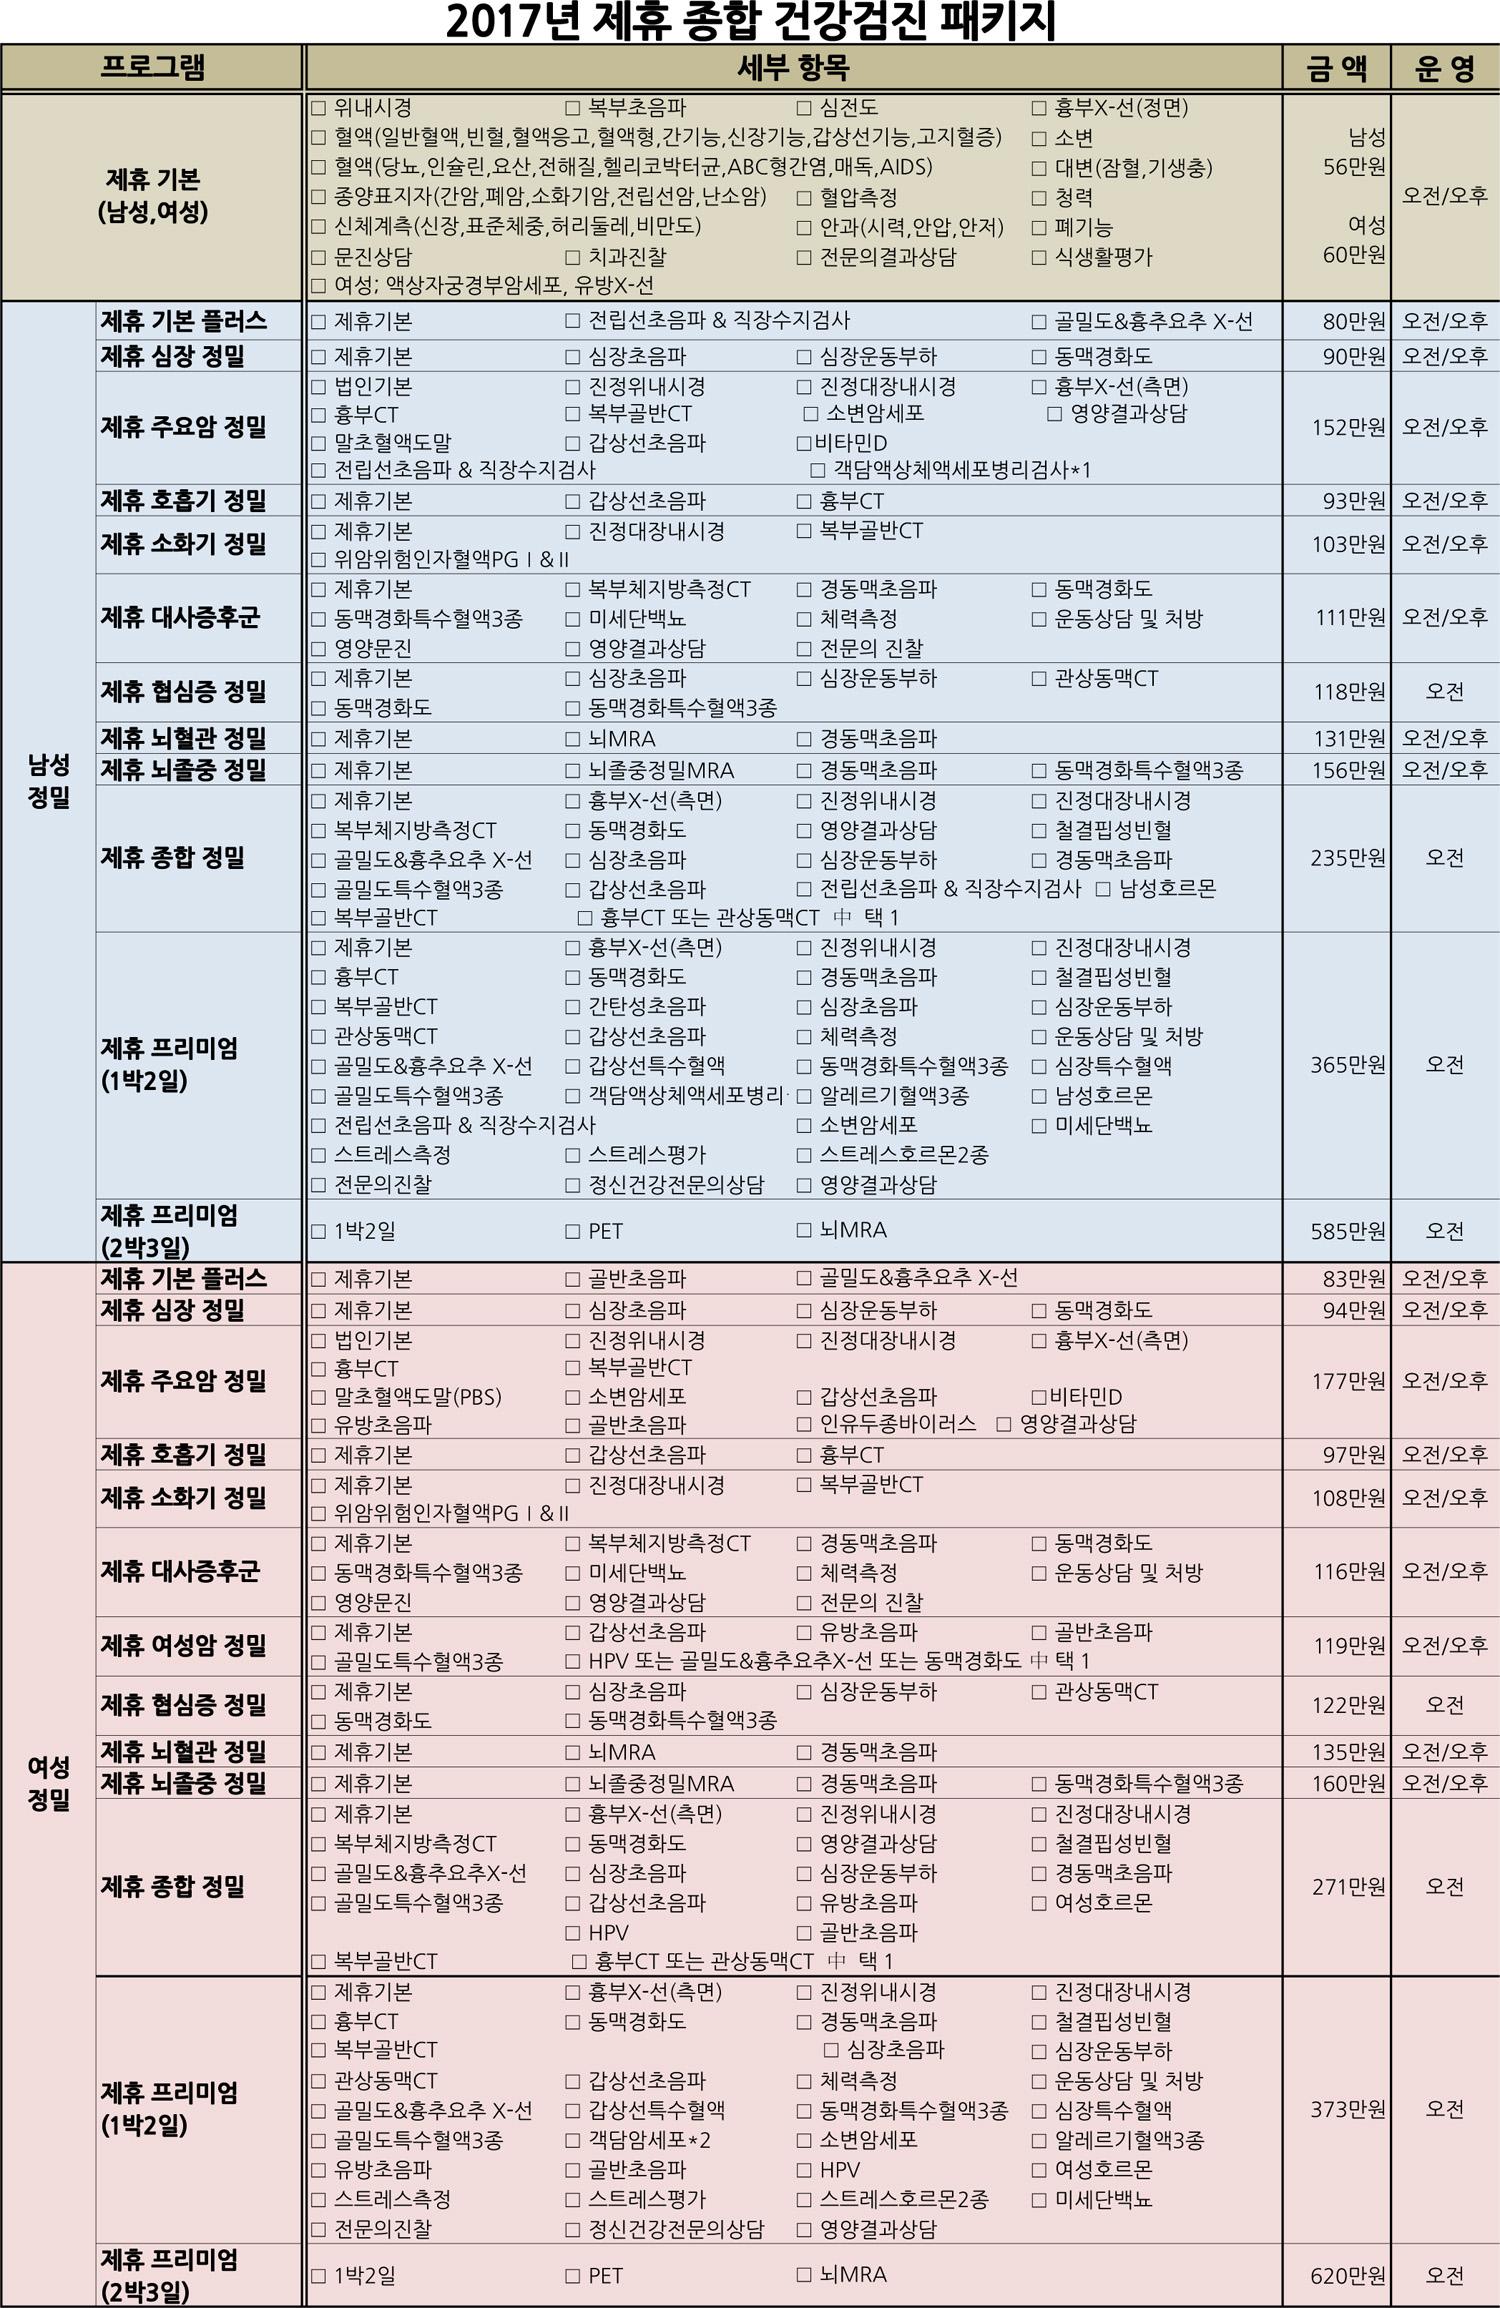 20170814_아산병원프로그램.jpg